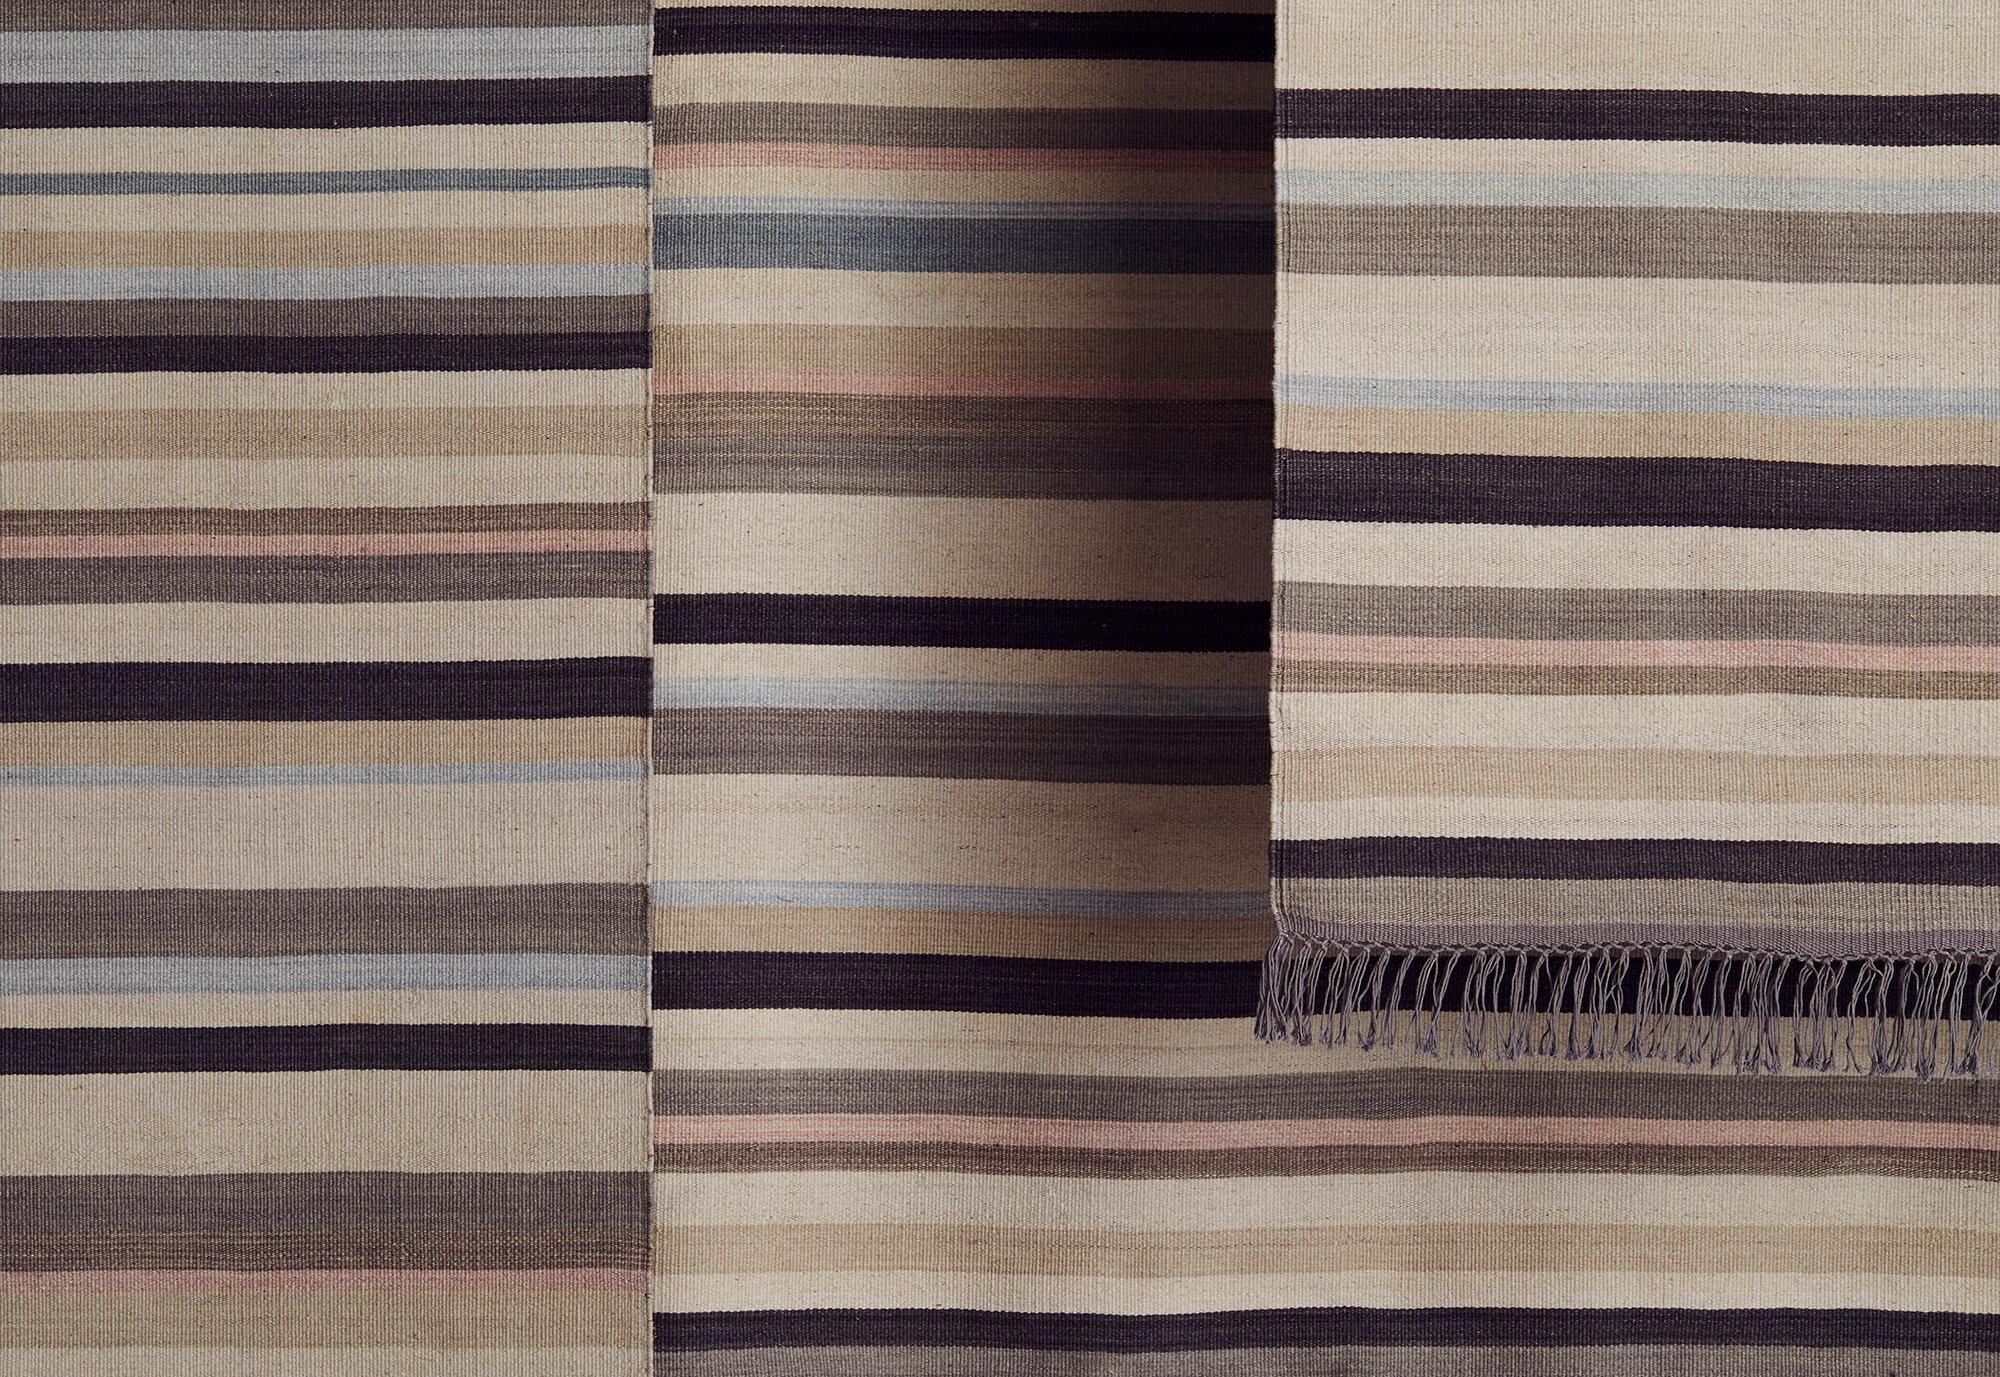 striped-flatweave-rug-collection-detail-000_v7.jpg